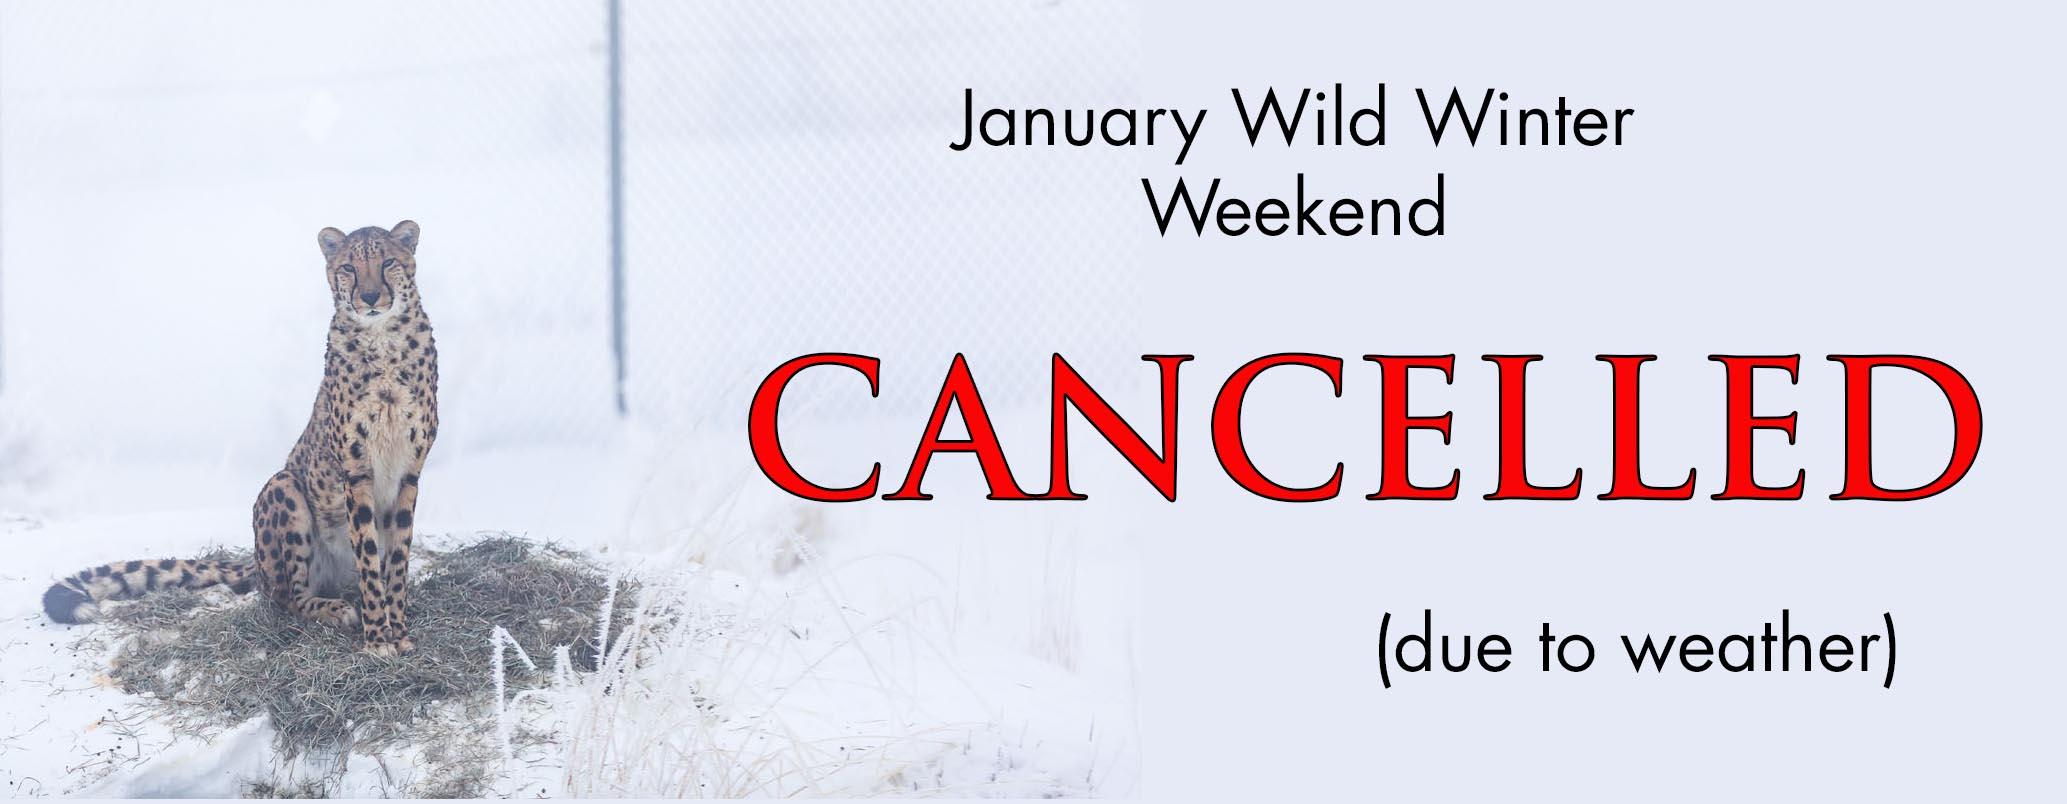 Wild Winter Weekend Cancelled